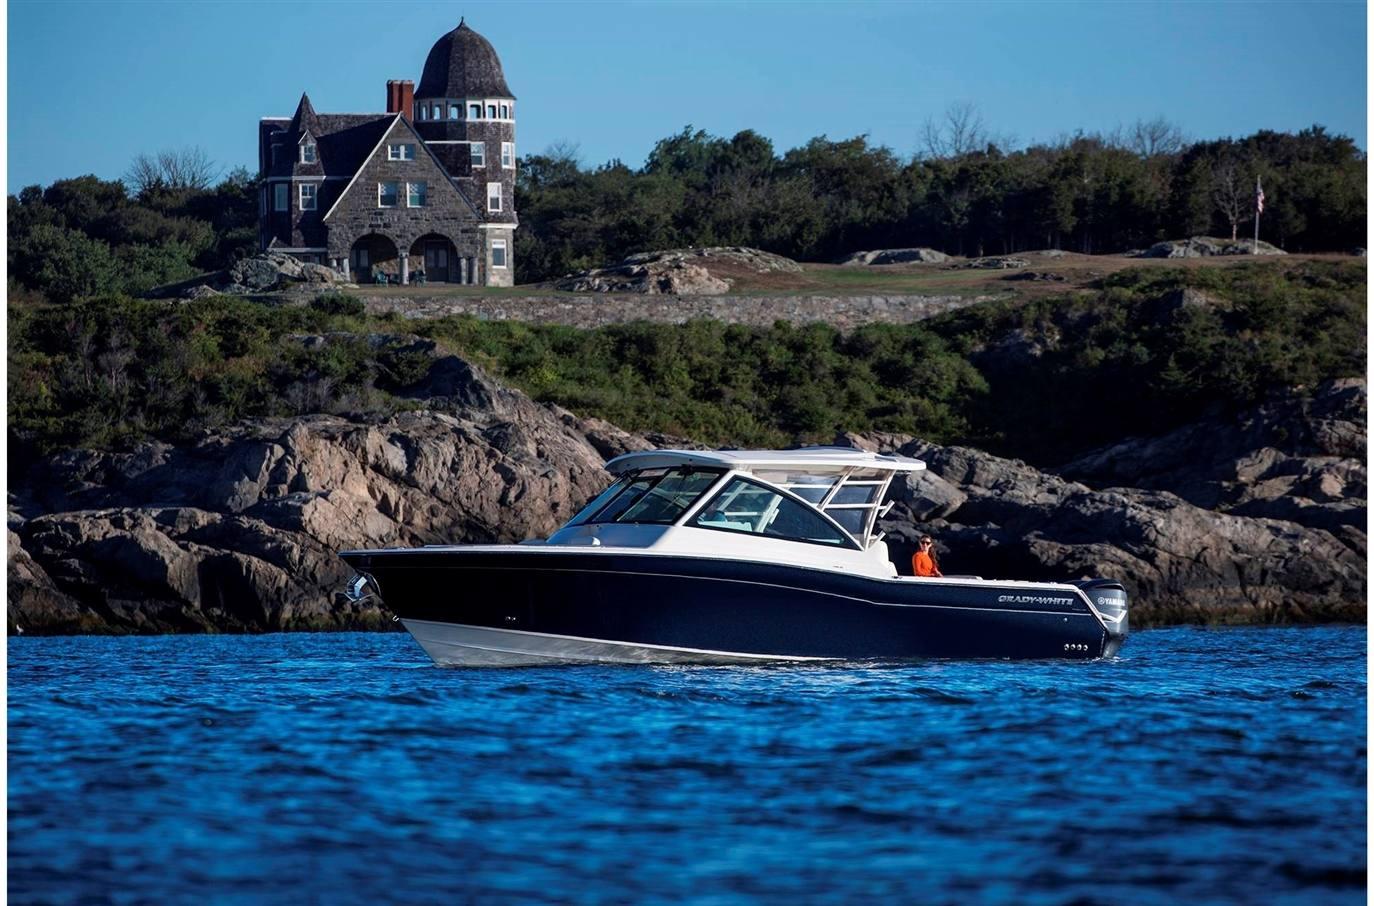 2019 Grady-White Freedom 375 for sale in Walker, MN  Resort